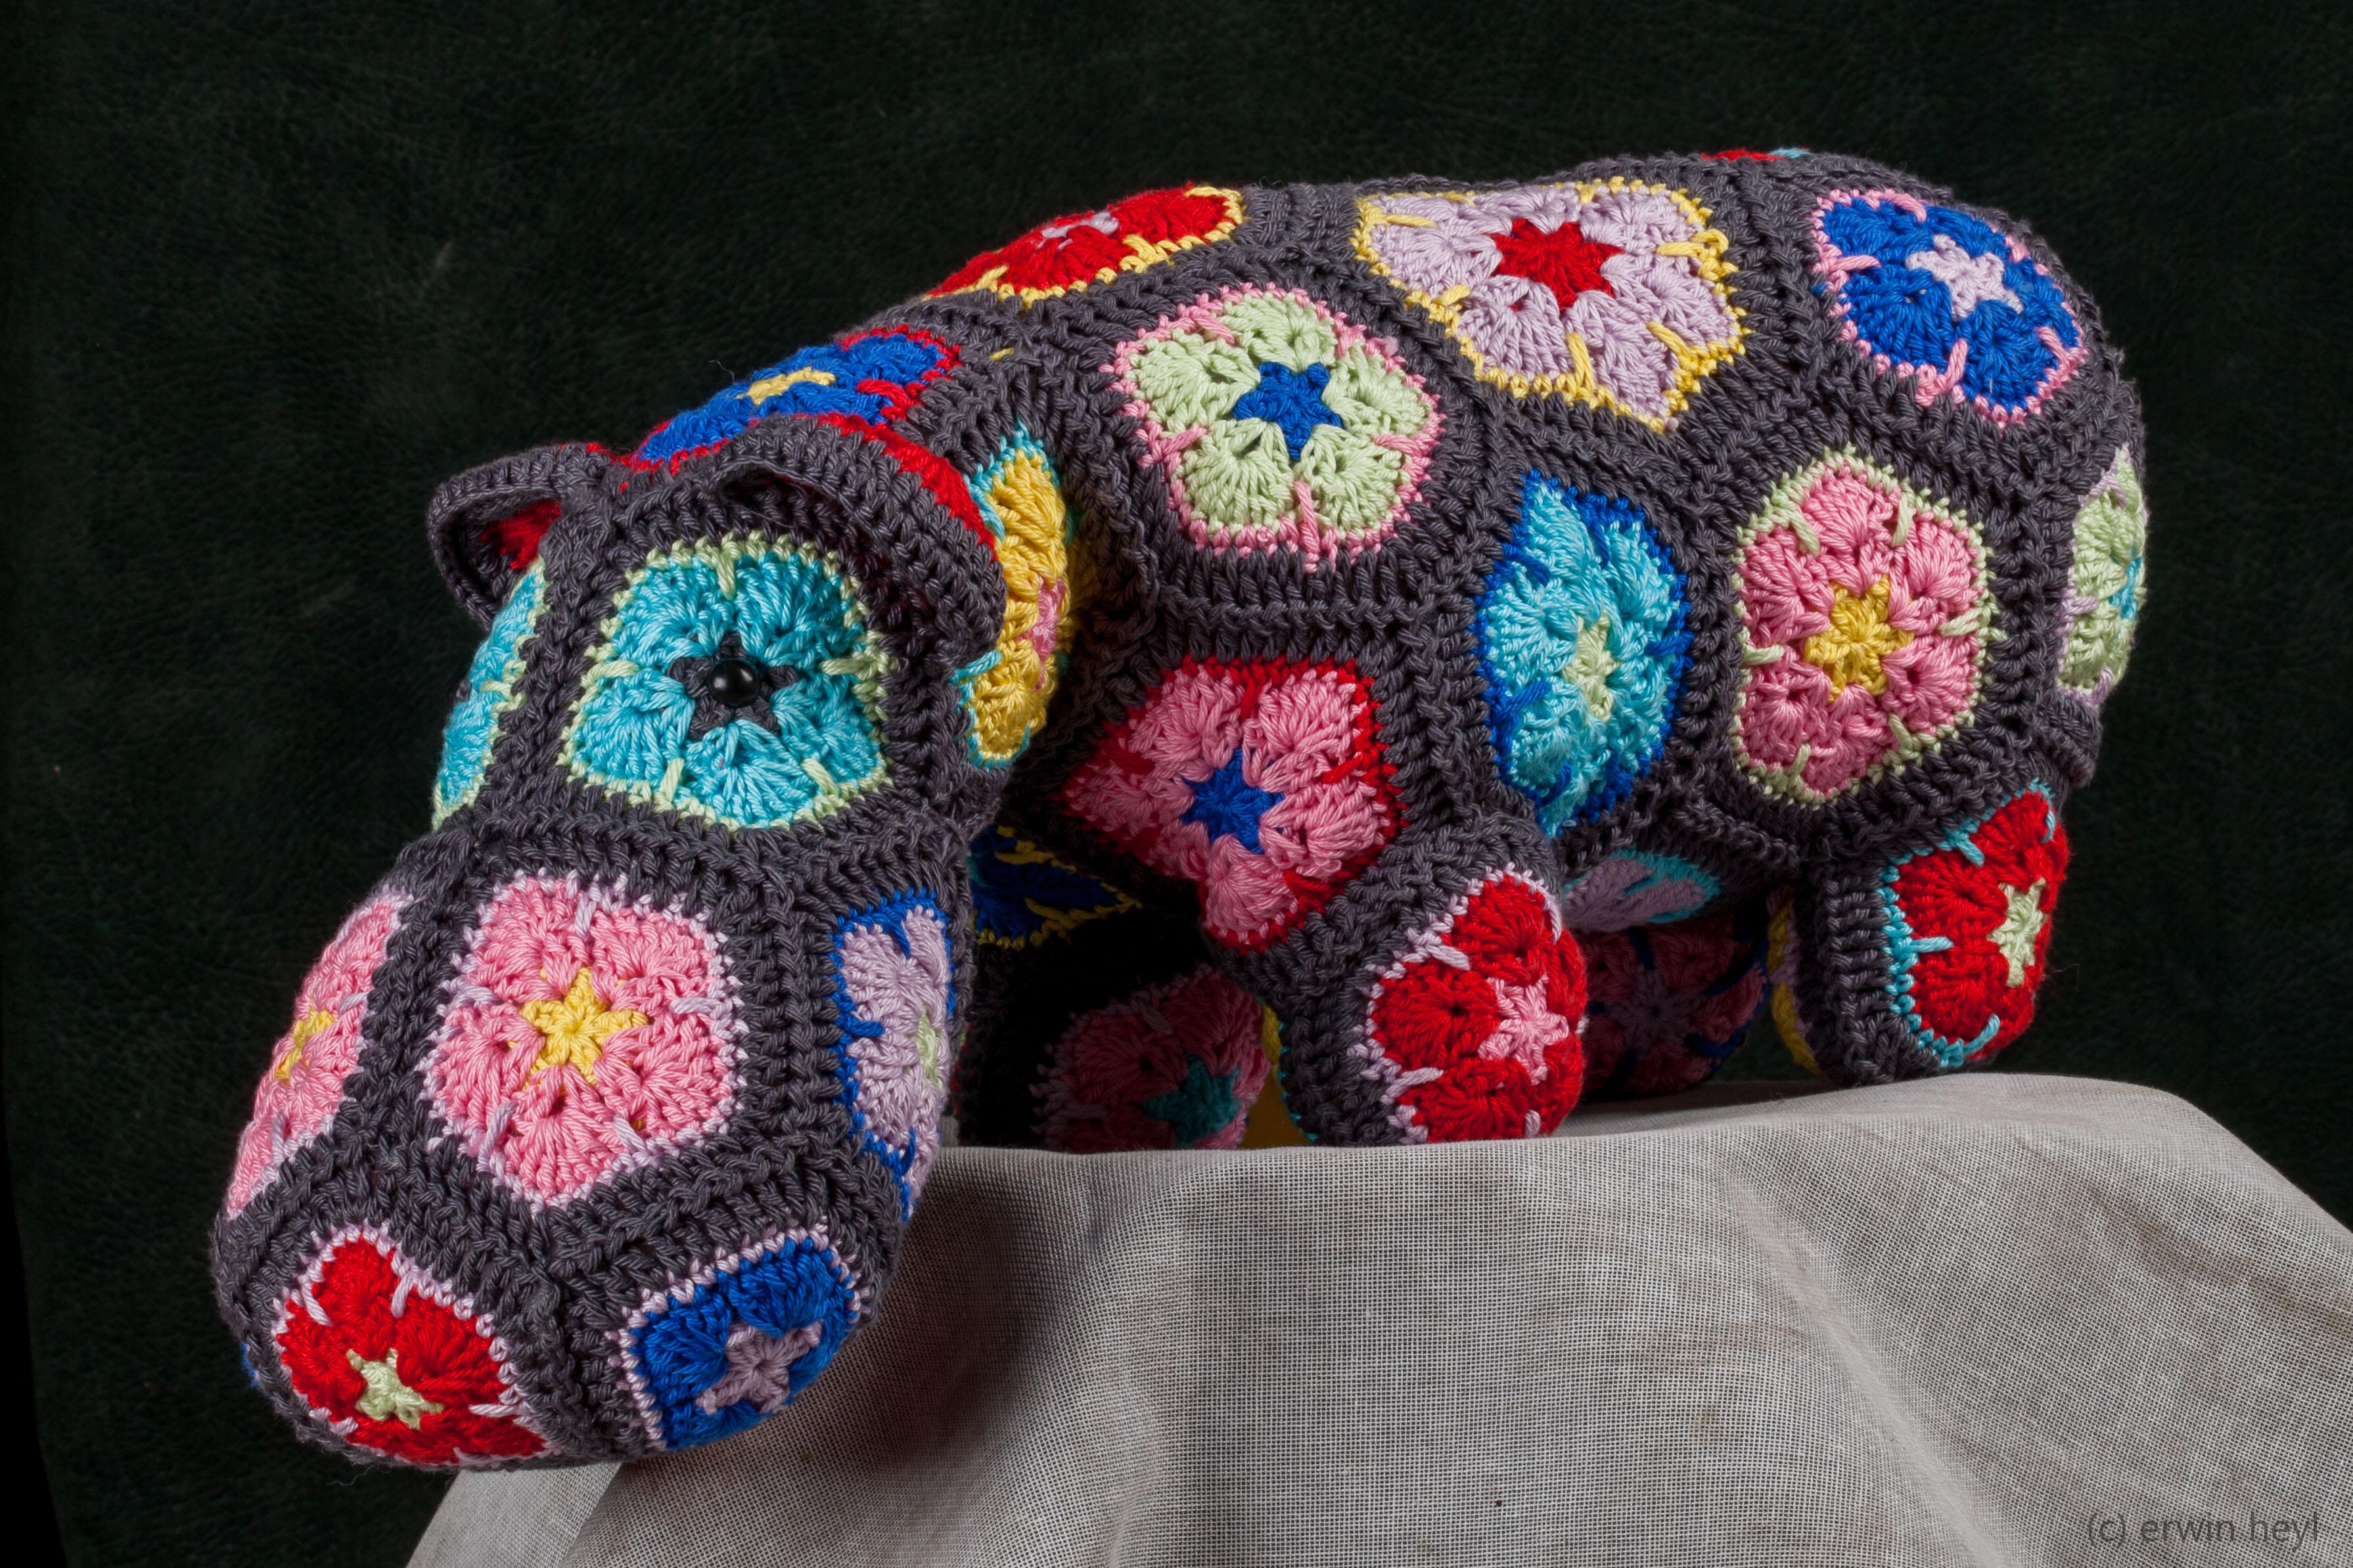 Nijlpaard Handmadepassion